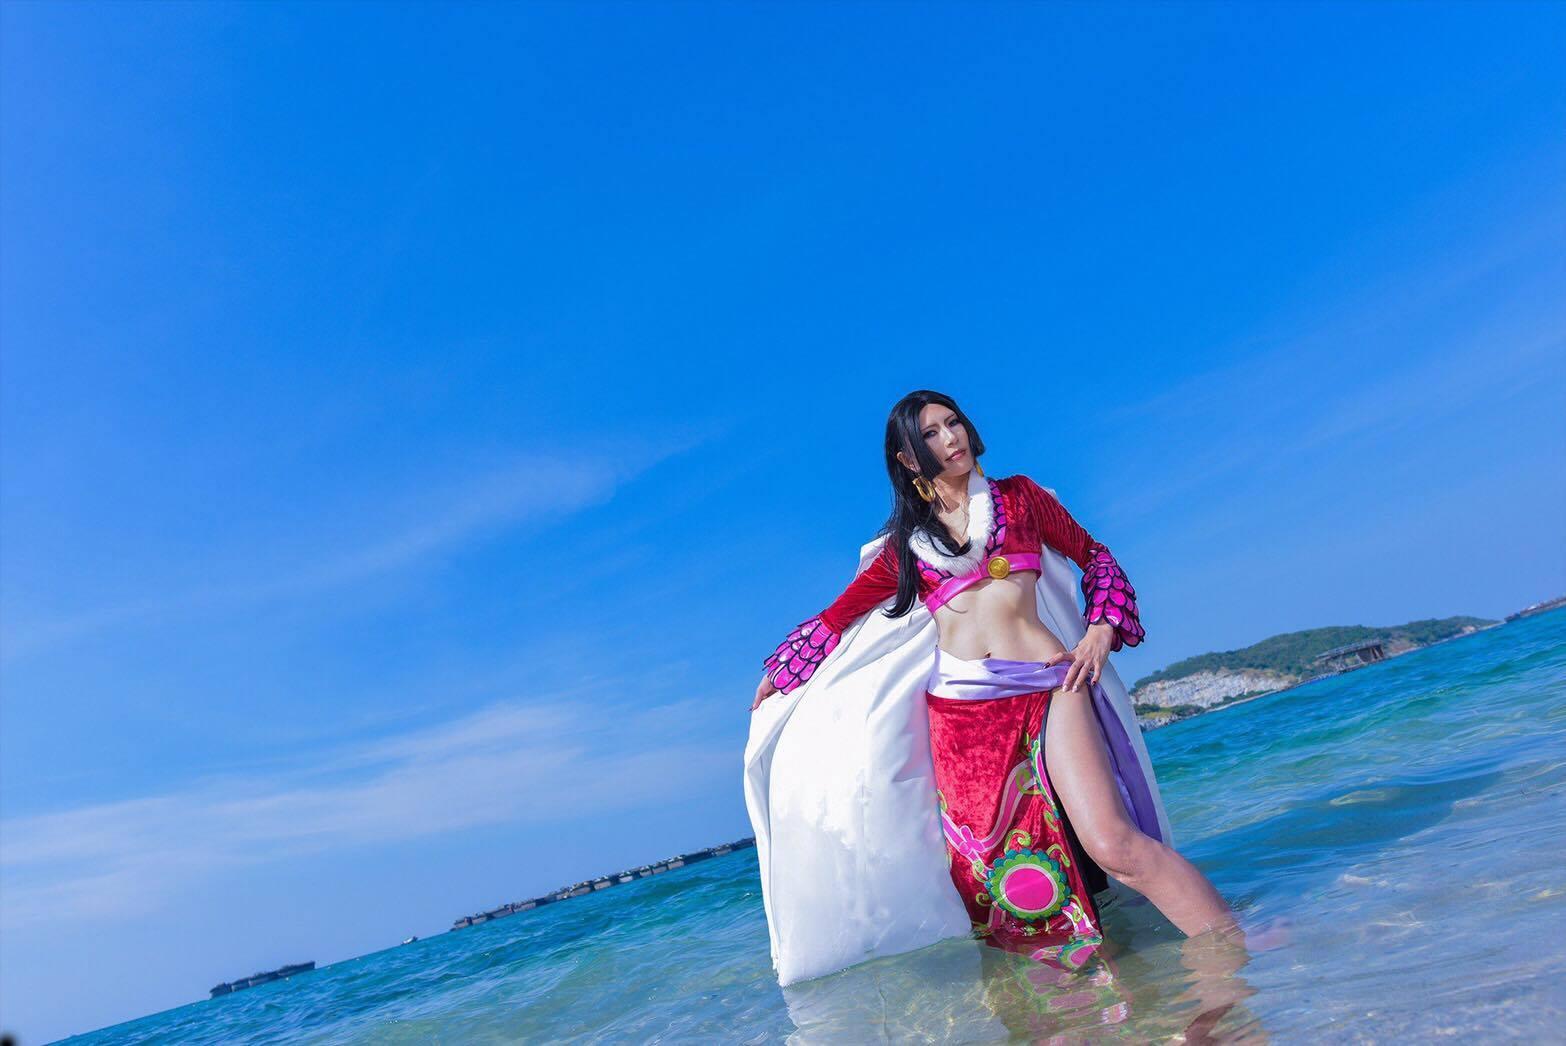 タイの海とコスプレーヤー